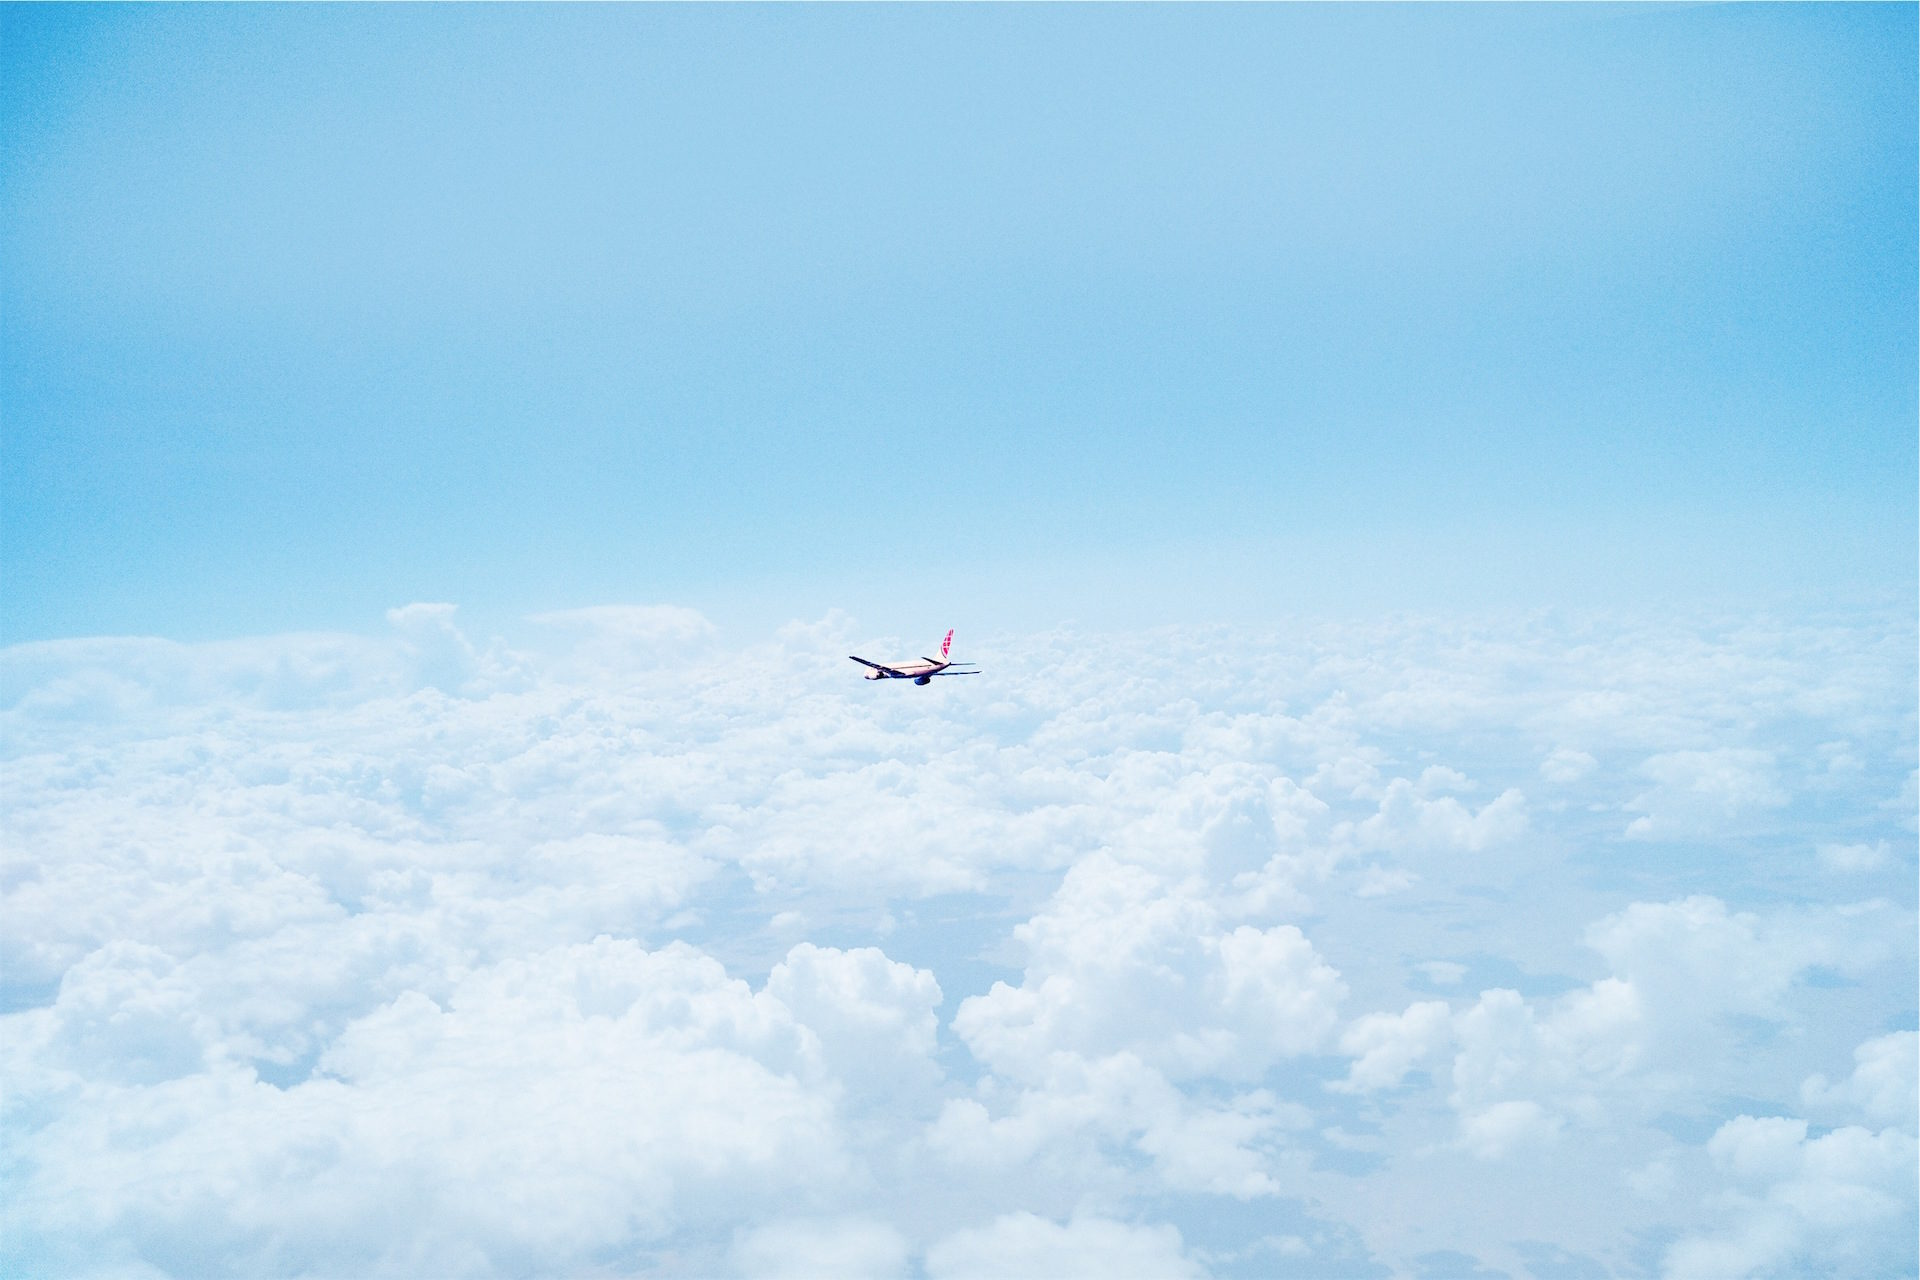 avión, aérea, nubes, cielo, azul - Fondos de Pantalla HD - professor-falken.com